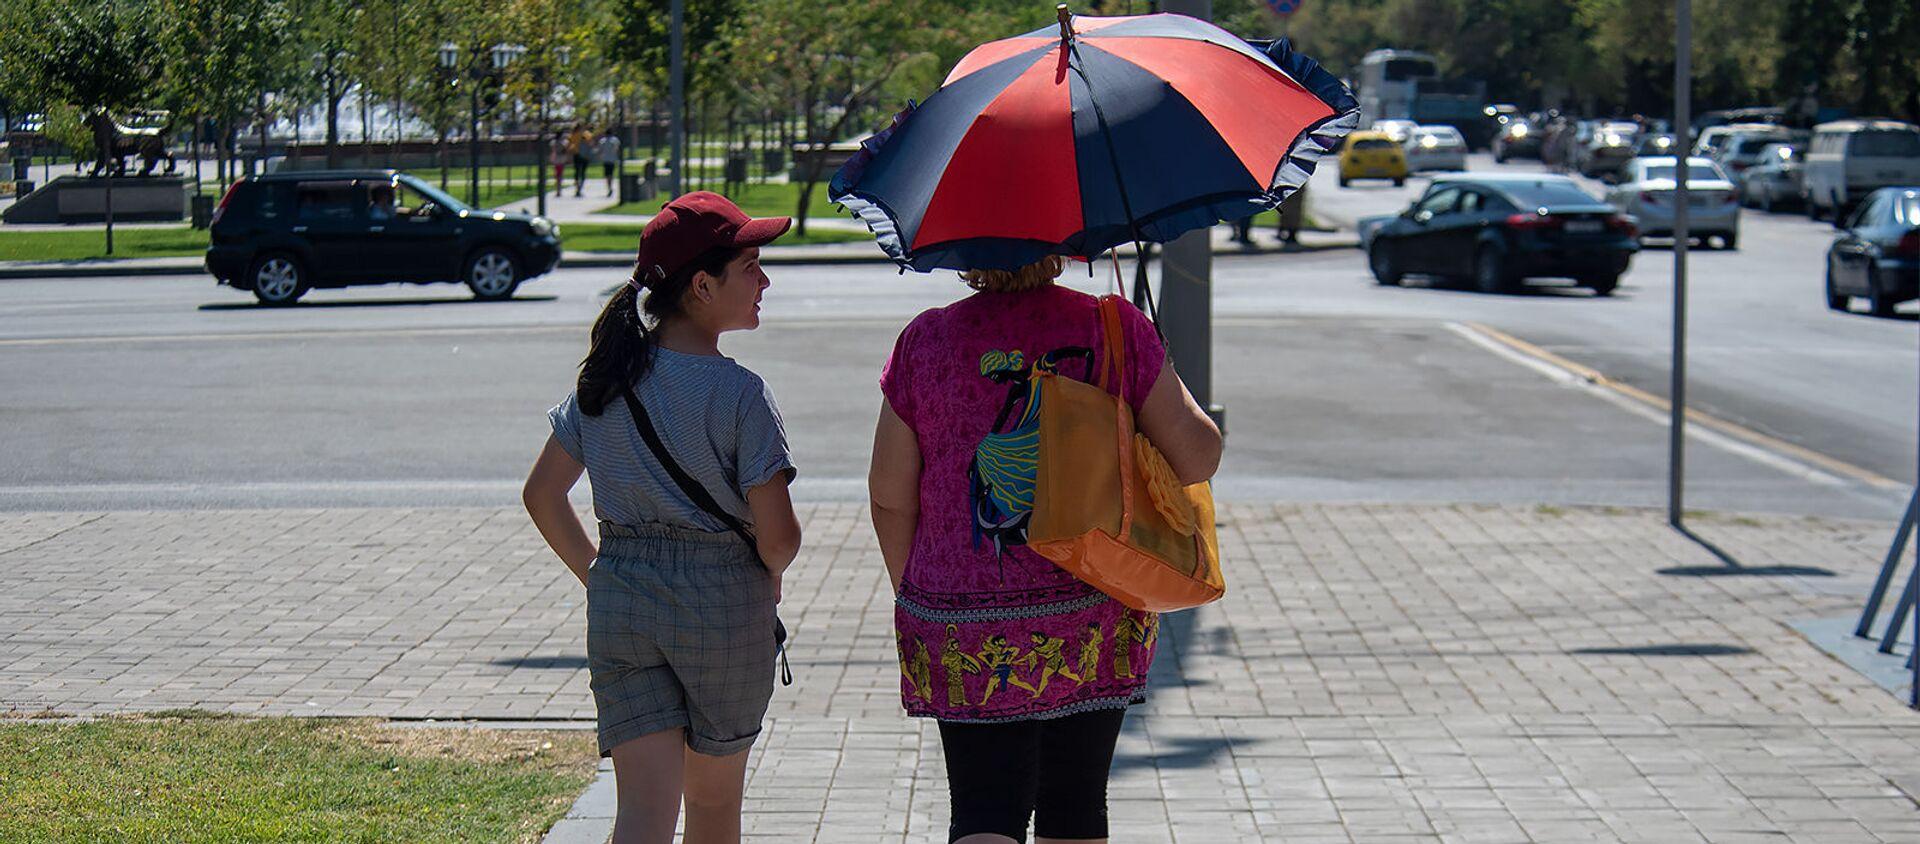 Люди на улицах Еревана в невыносимую жару - Sputnik Армения, 1920, 24.07.2021